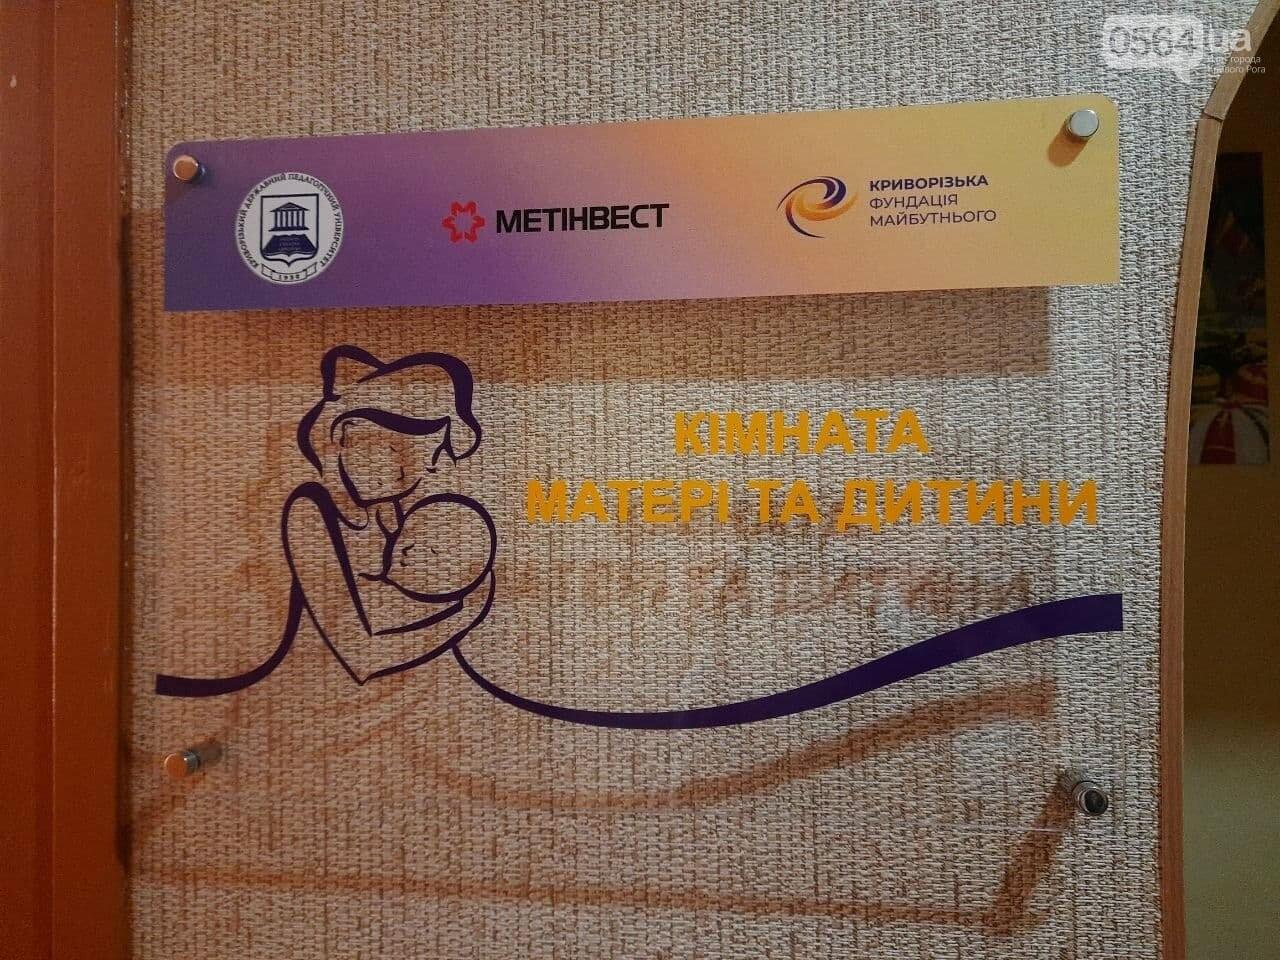 За підтримки компанії Метінвест в університетах Кривого Рогу відкривають кімнати матері та дитини, фото-3